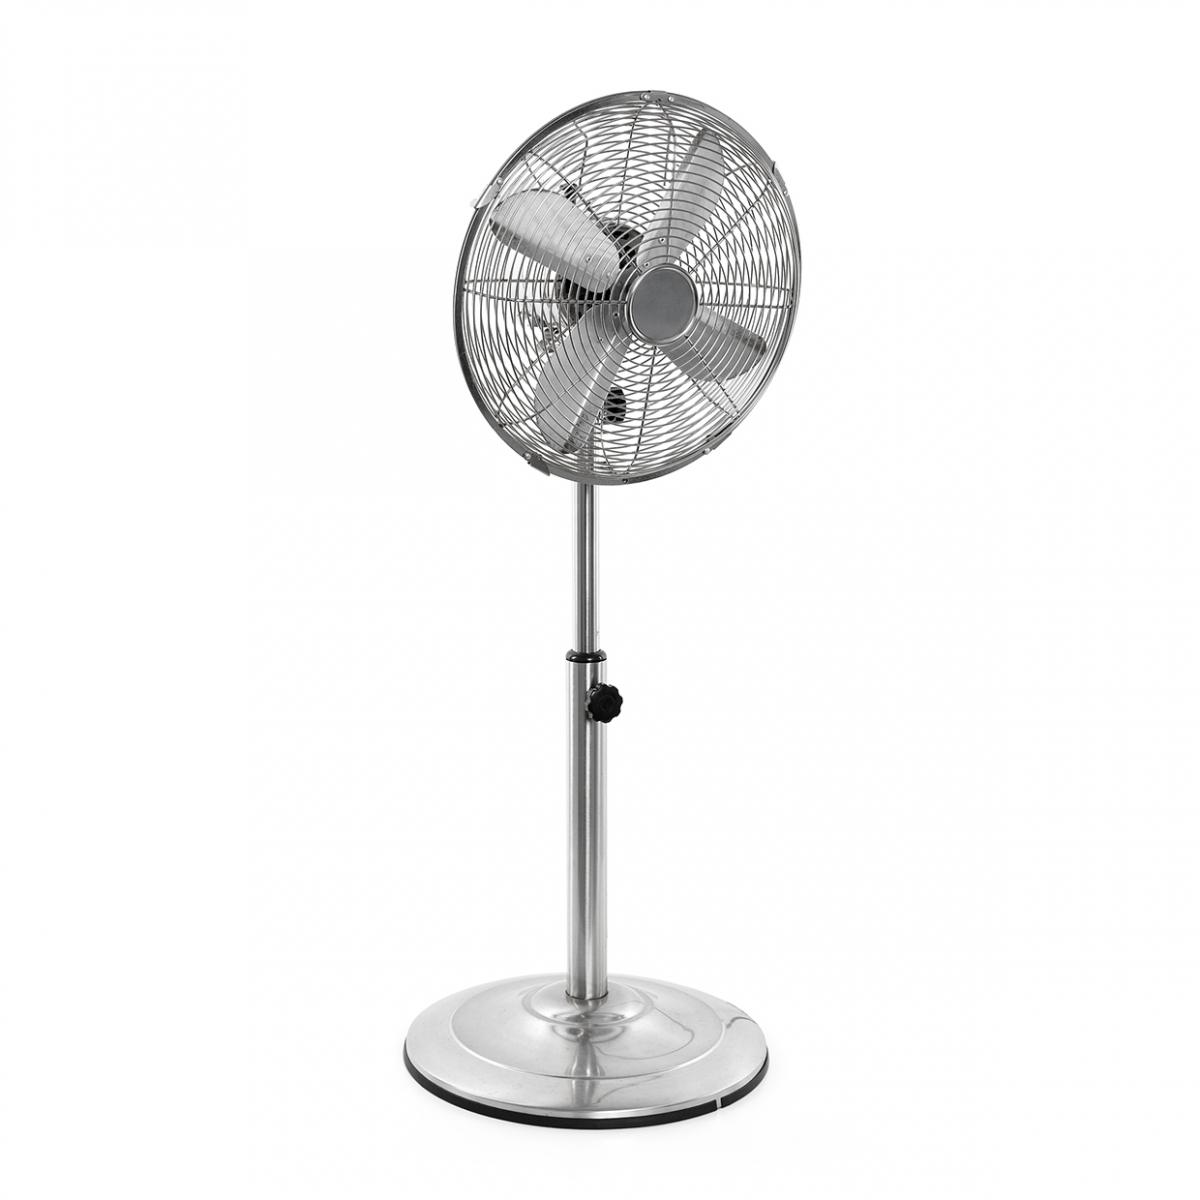 Imagen en la que se ve un ventilador